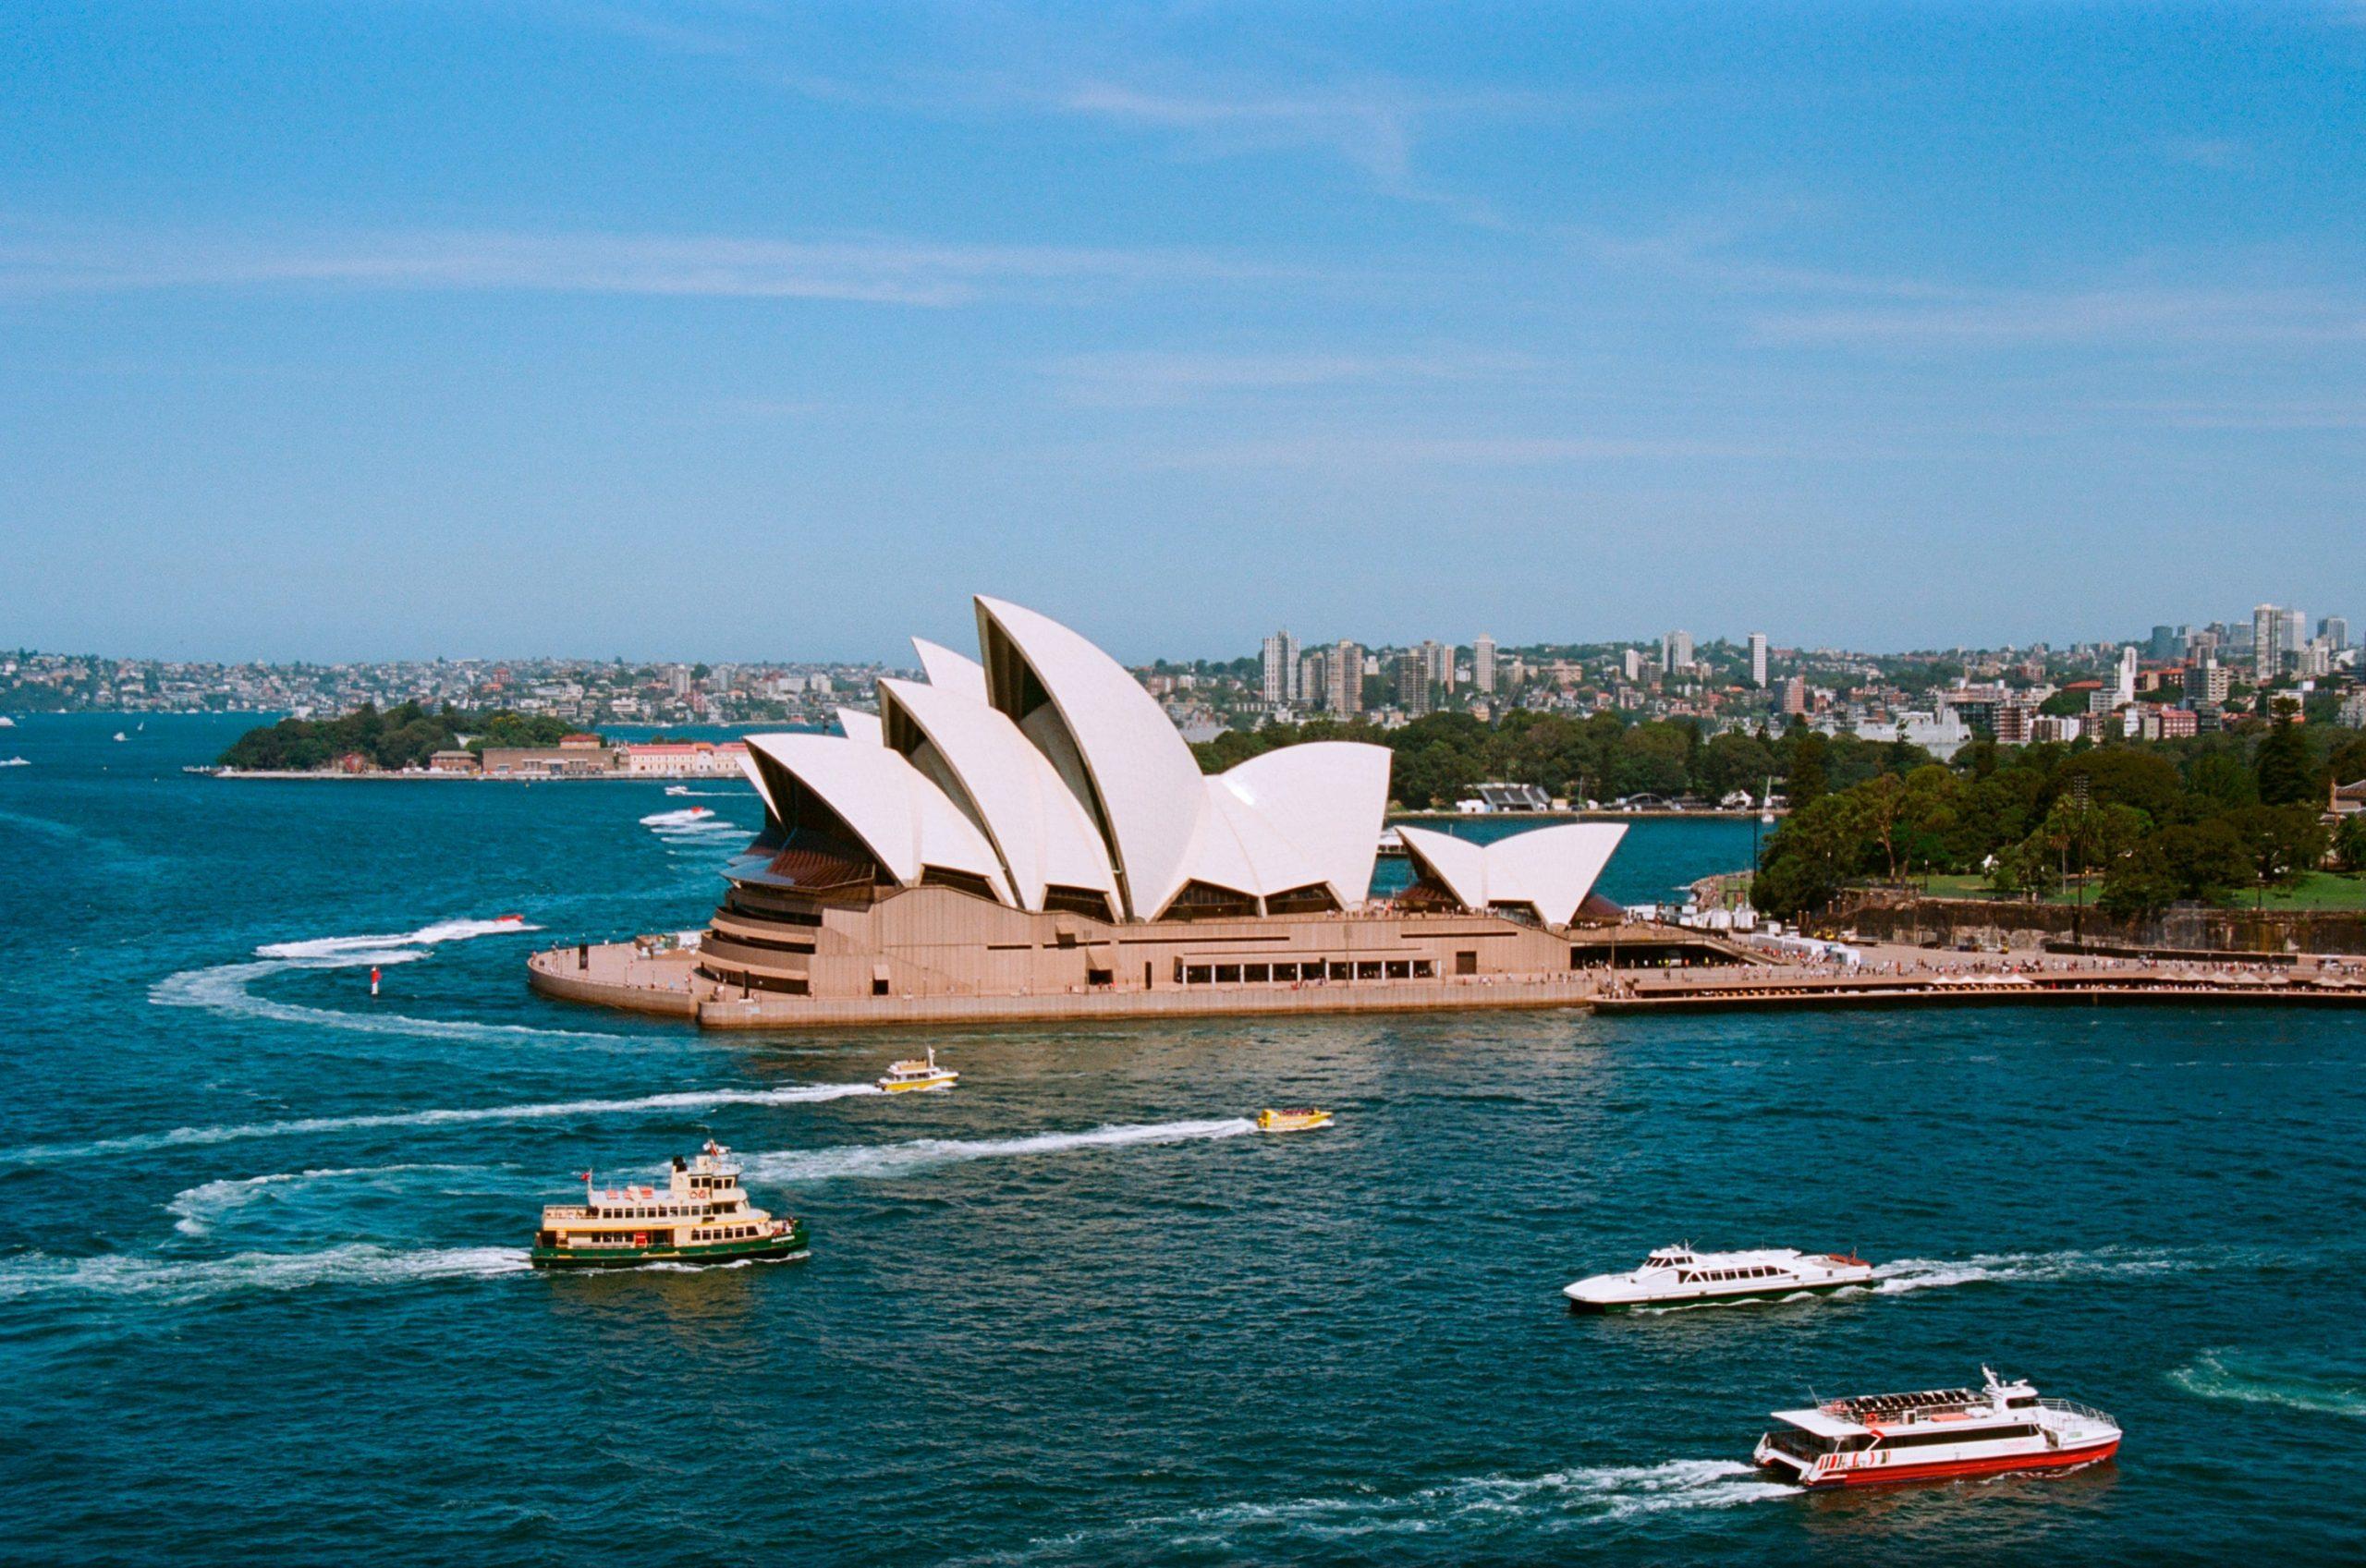 Sydney Opera House Photo by Jeremy Bishop on Unsplash